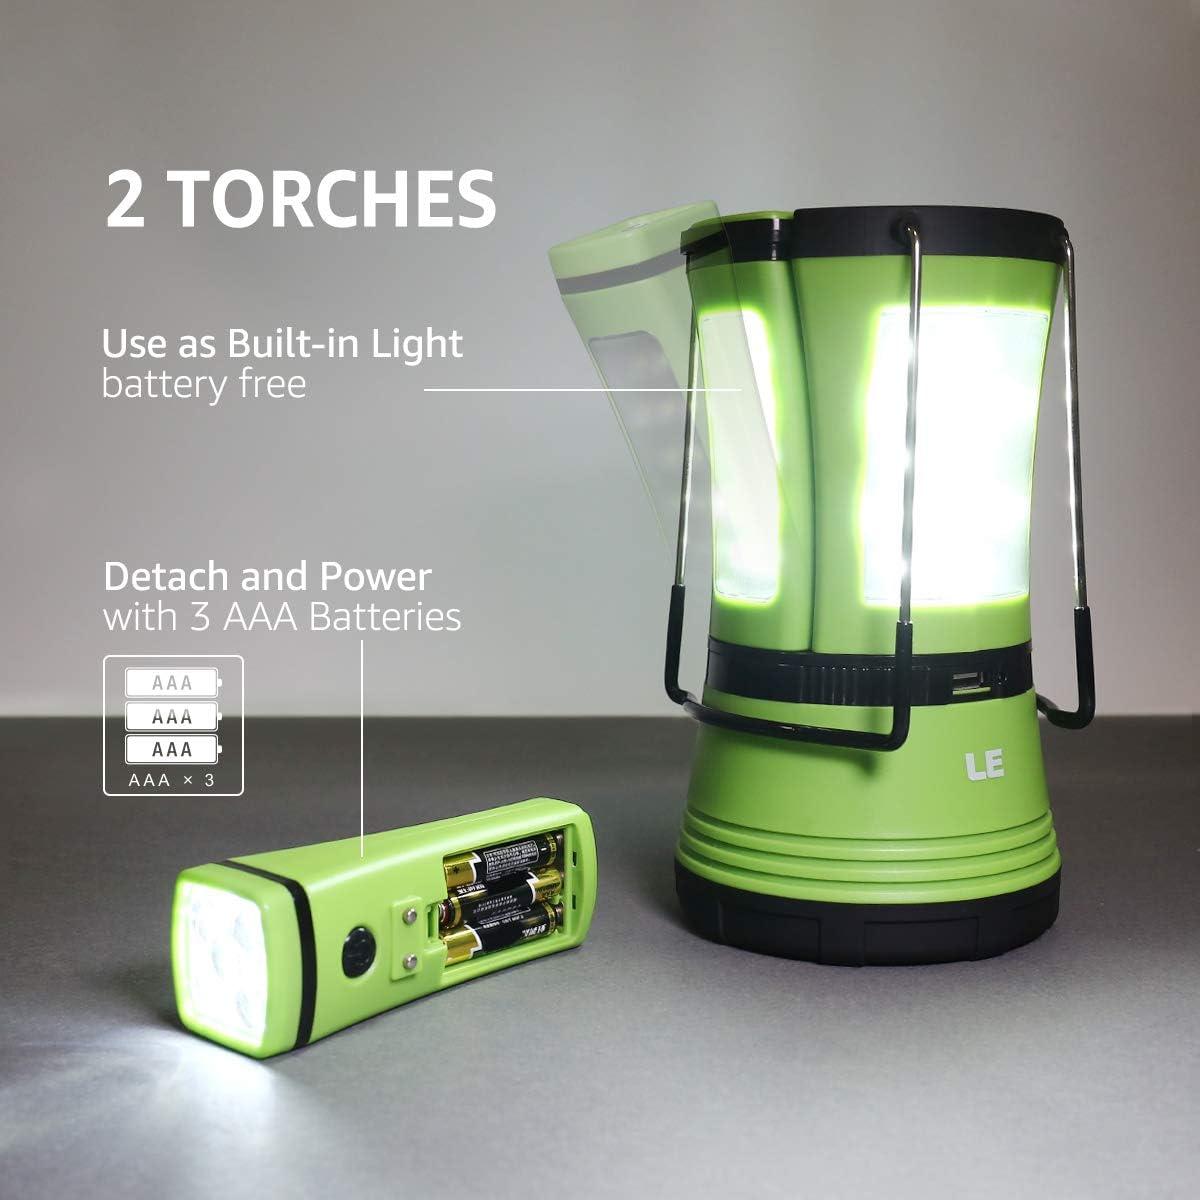 Lampe Lanterne de Camping LED Lampe de Tente Lampe Torche LED Puissante Portable a Piles 3x AAA avec Modes de Eclairage Constante et Flash Accessoire de Camping Essentiel de Enuotek